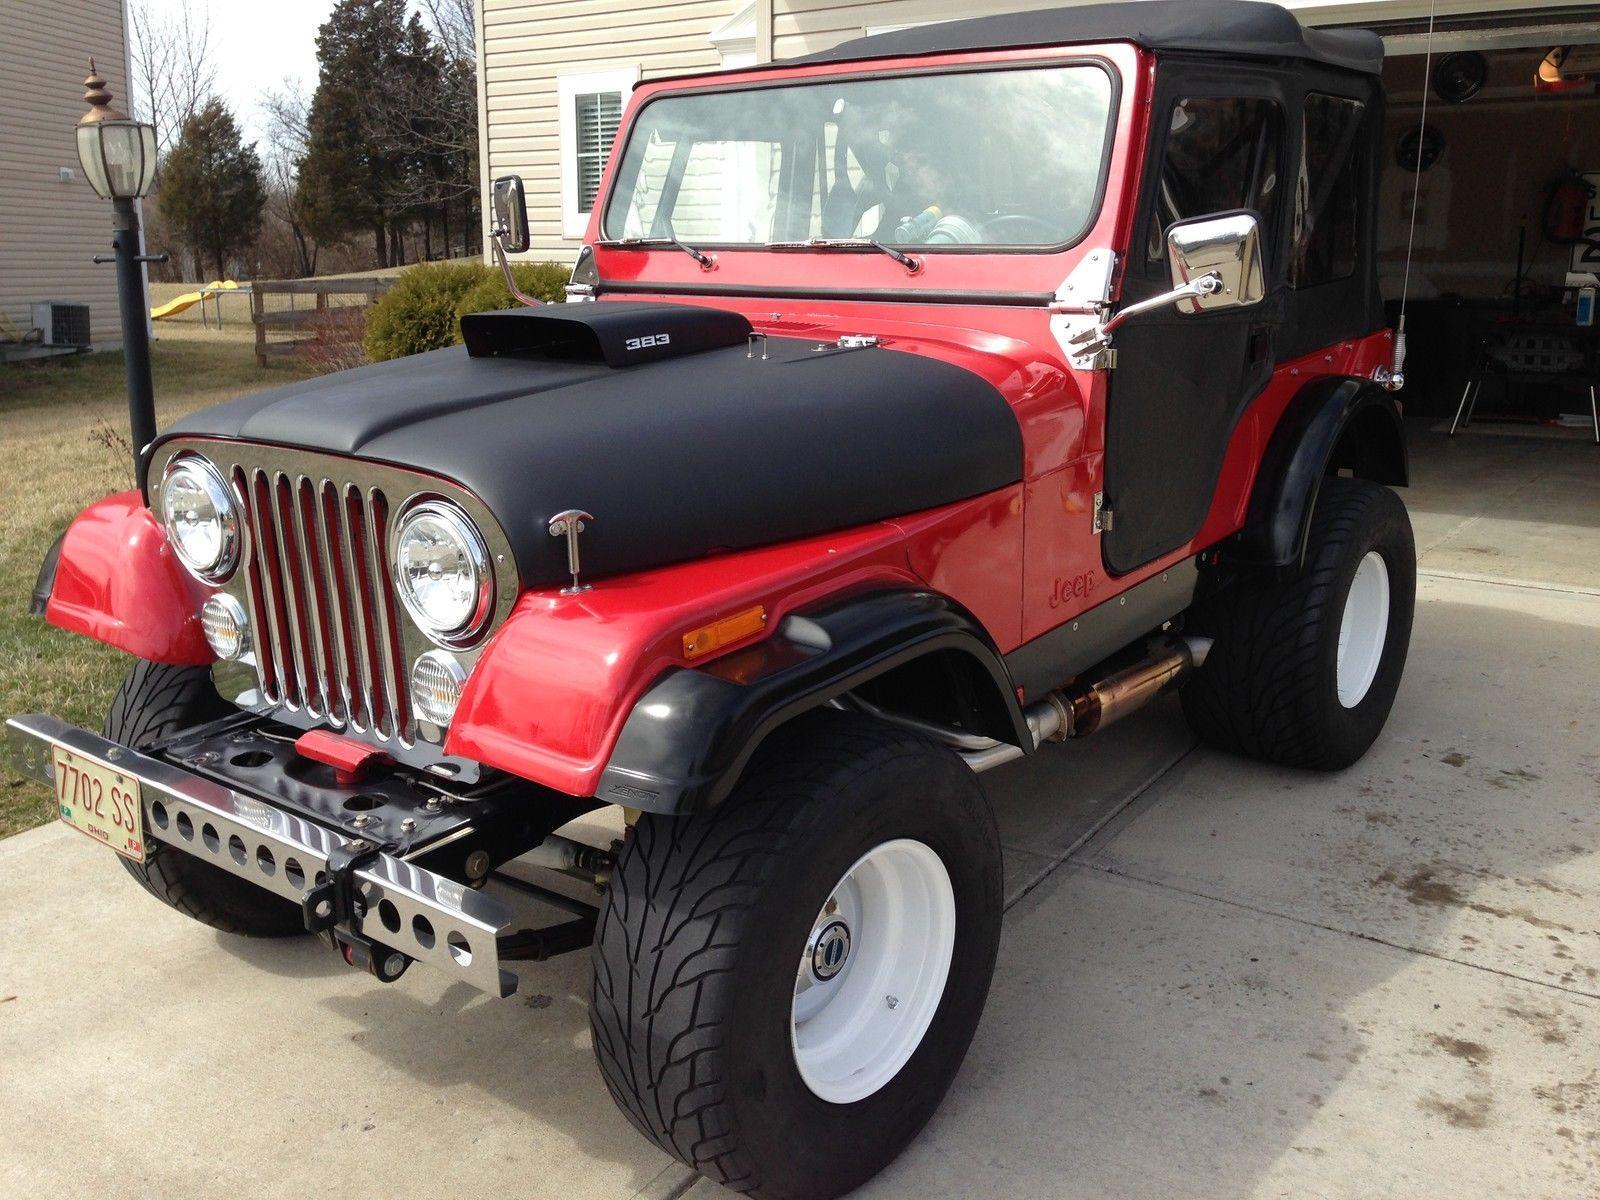 jeep cj5 hood scoop - Google Search | Jeeps | Pinterest | Jeeps ...